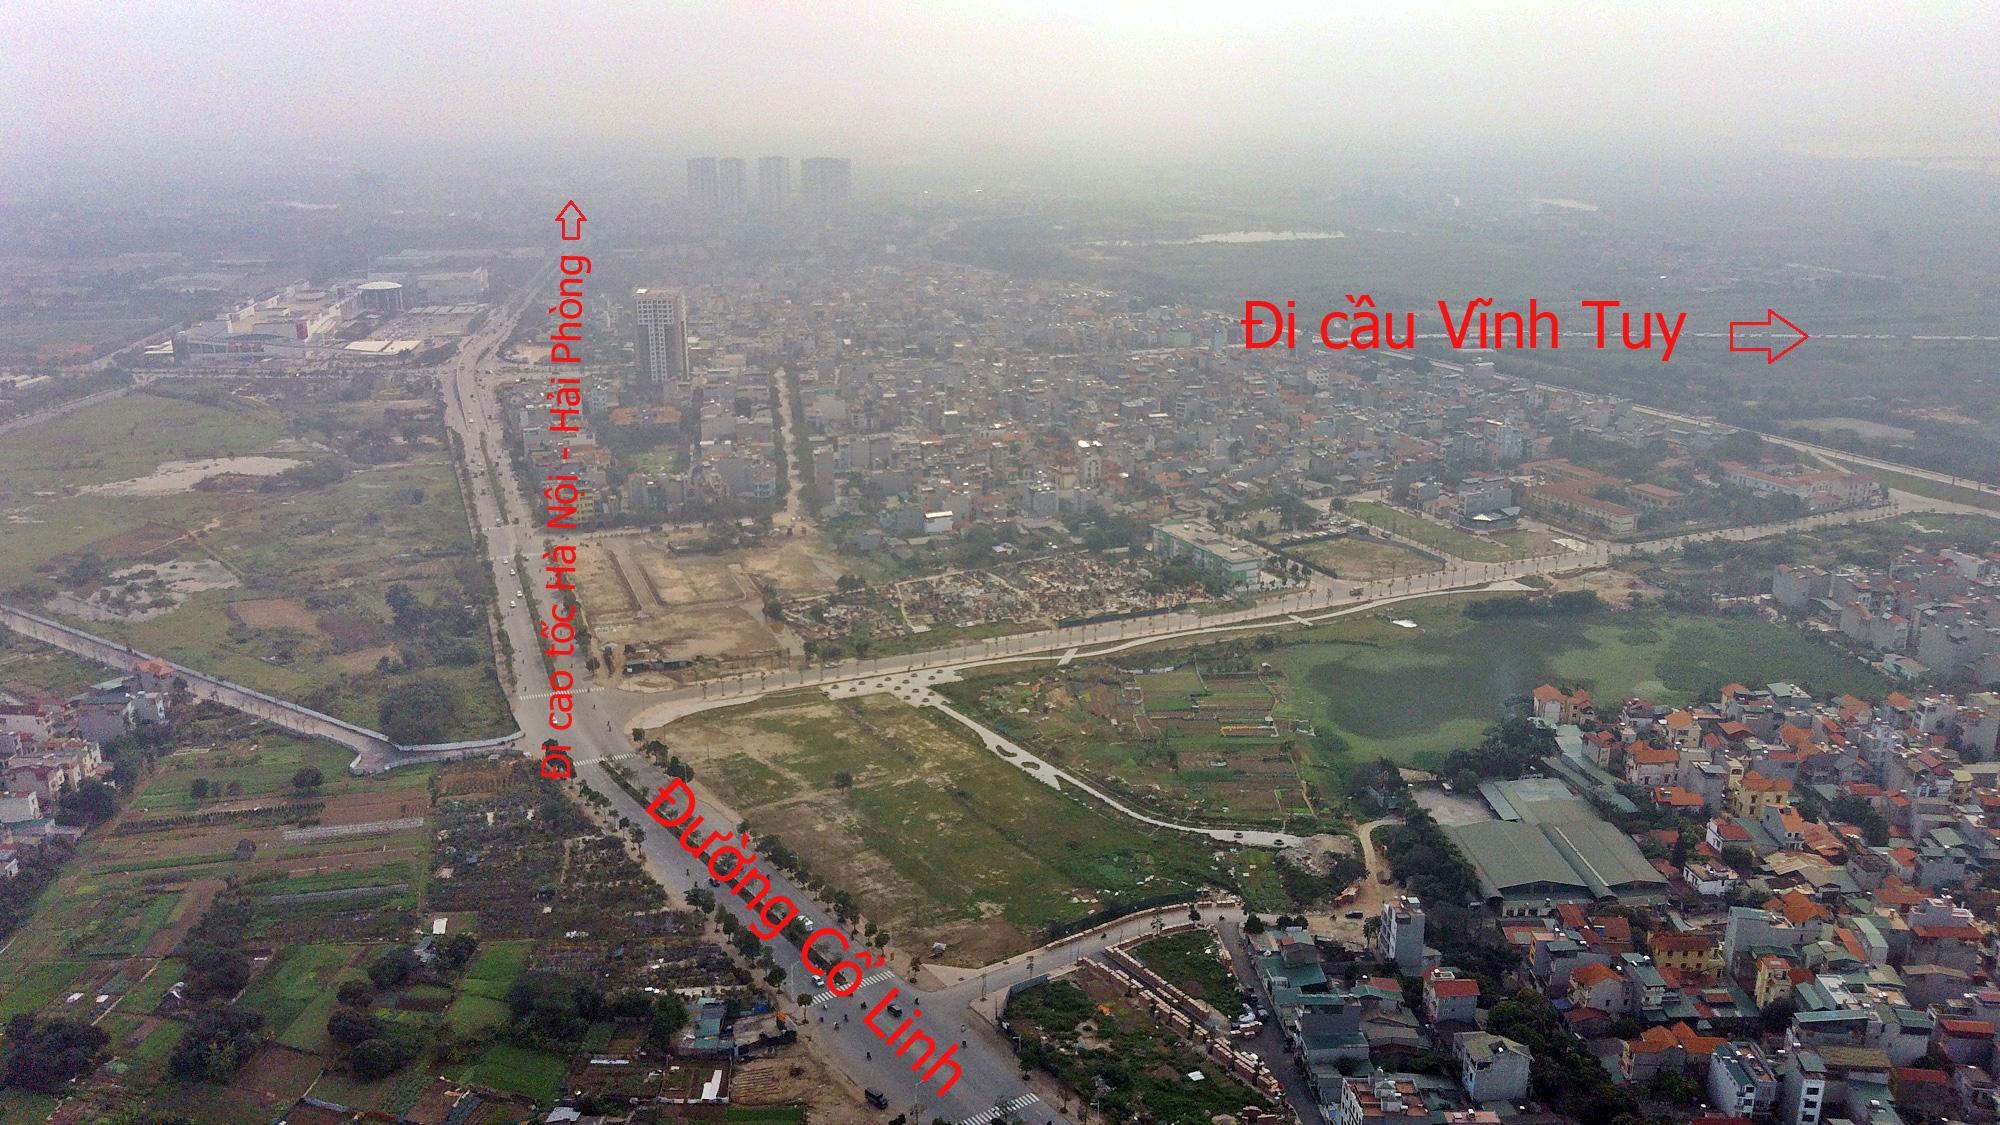 Cầu sẽ mở theo qui hoạch ở Hà Nội: Toàn cảnh cầu/hầm Trần Hưng Đạo nối quận Hoàn Kiếm - Long Biên - Ảnh 10.